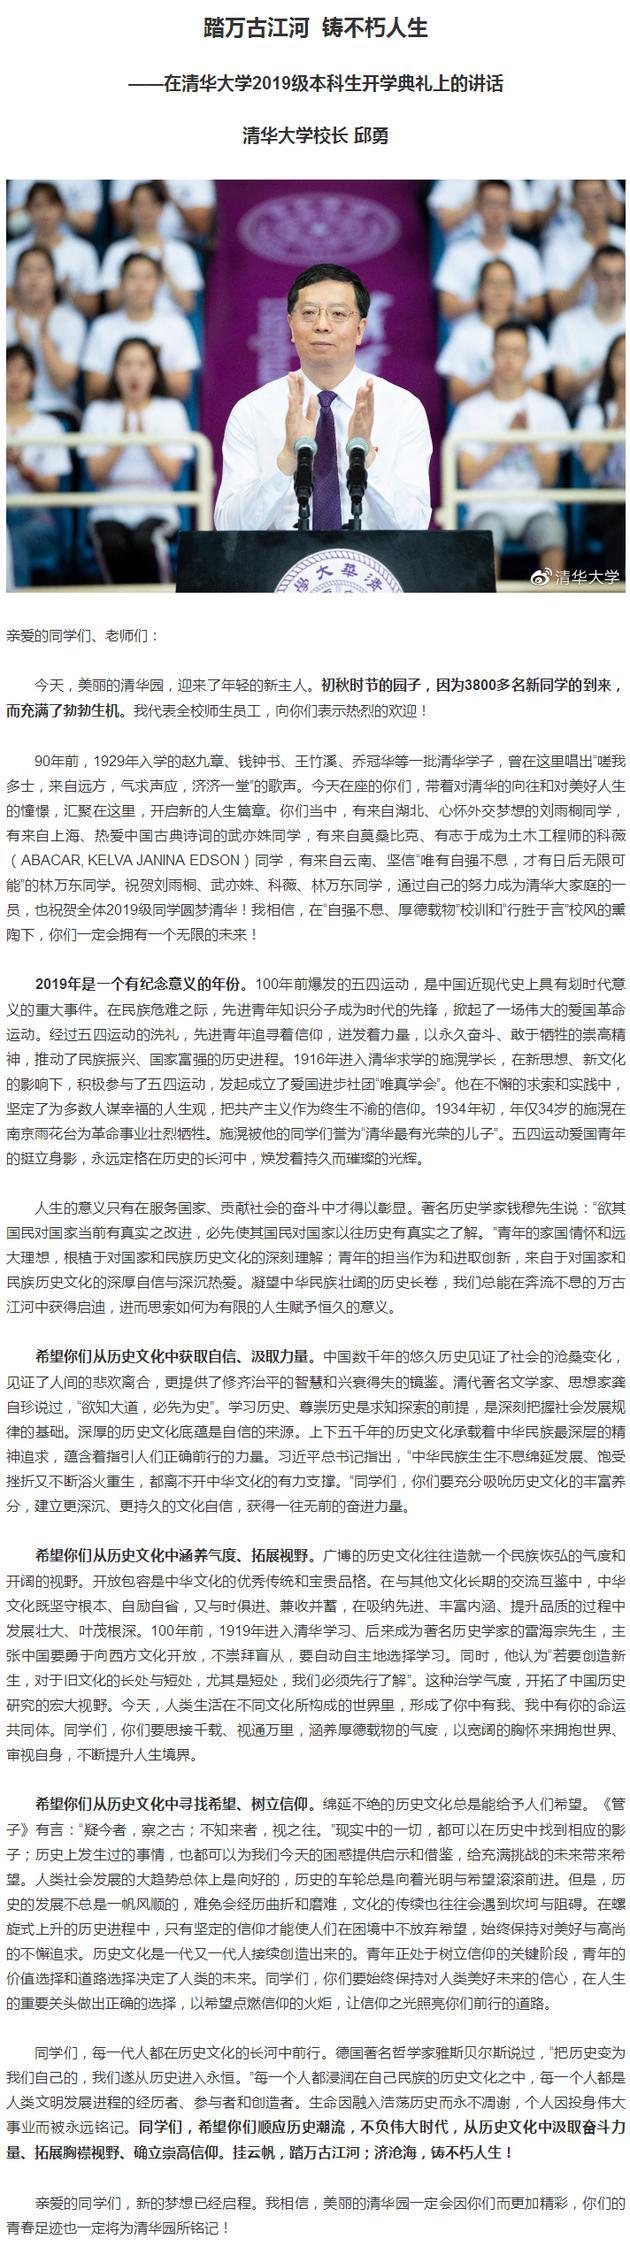 """清华举行本科新生开学典礼 湖北""""学霸""""被点名"""